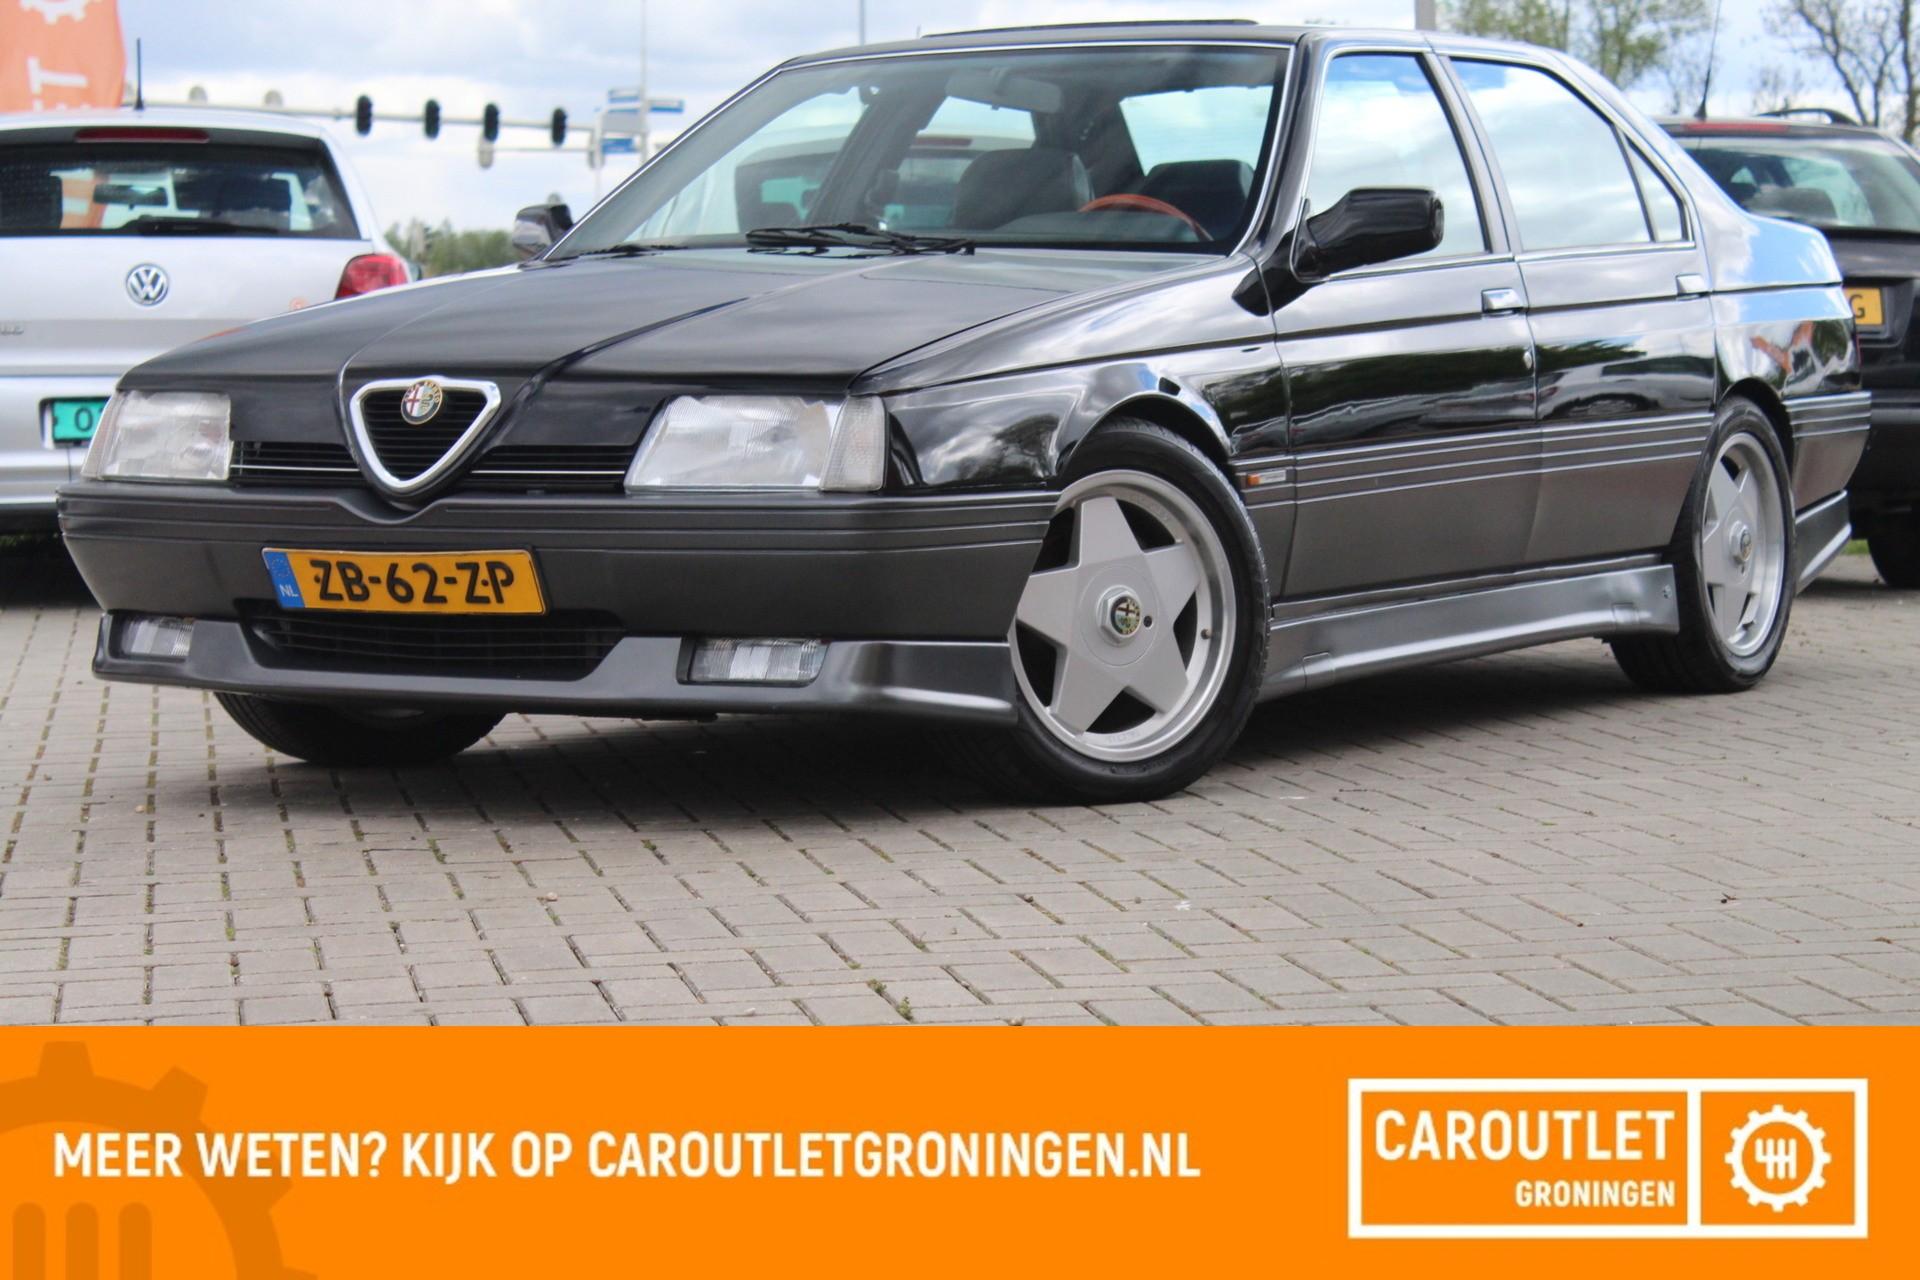 Caroutlet Groningen - Alfa Romeo 164 3.0 V6 QV | LEER | SCHUIFDAK | ORG  NL